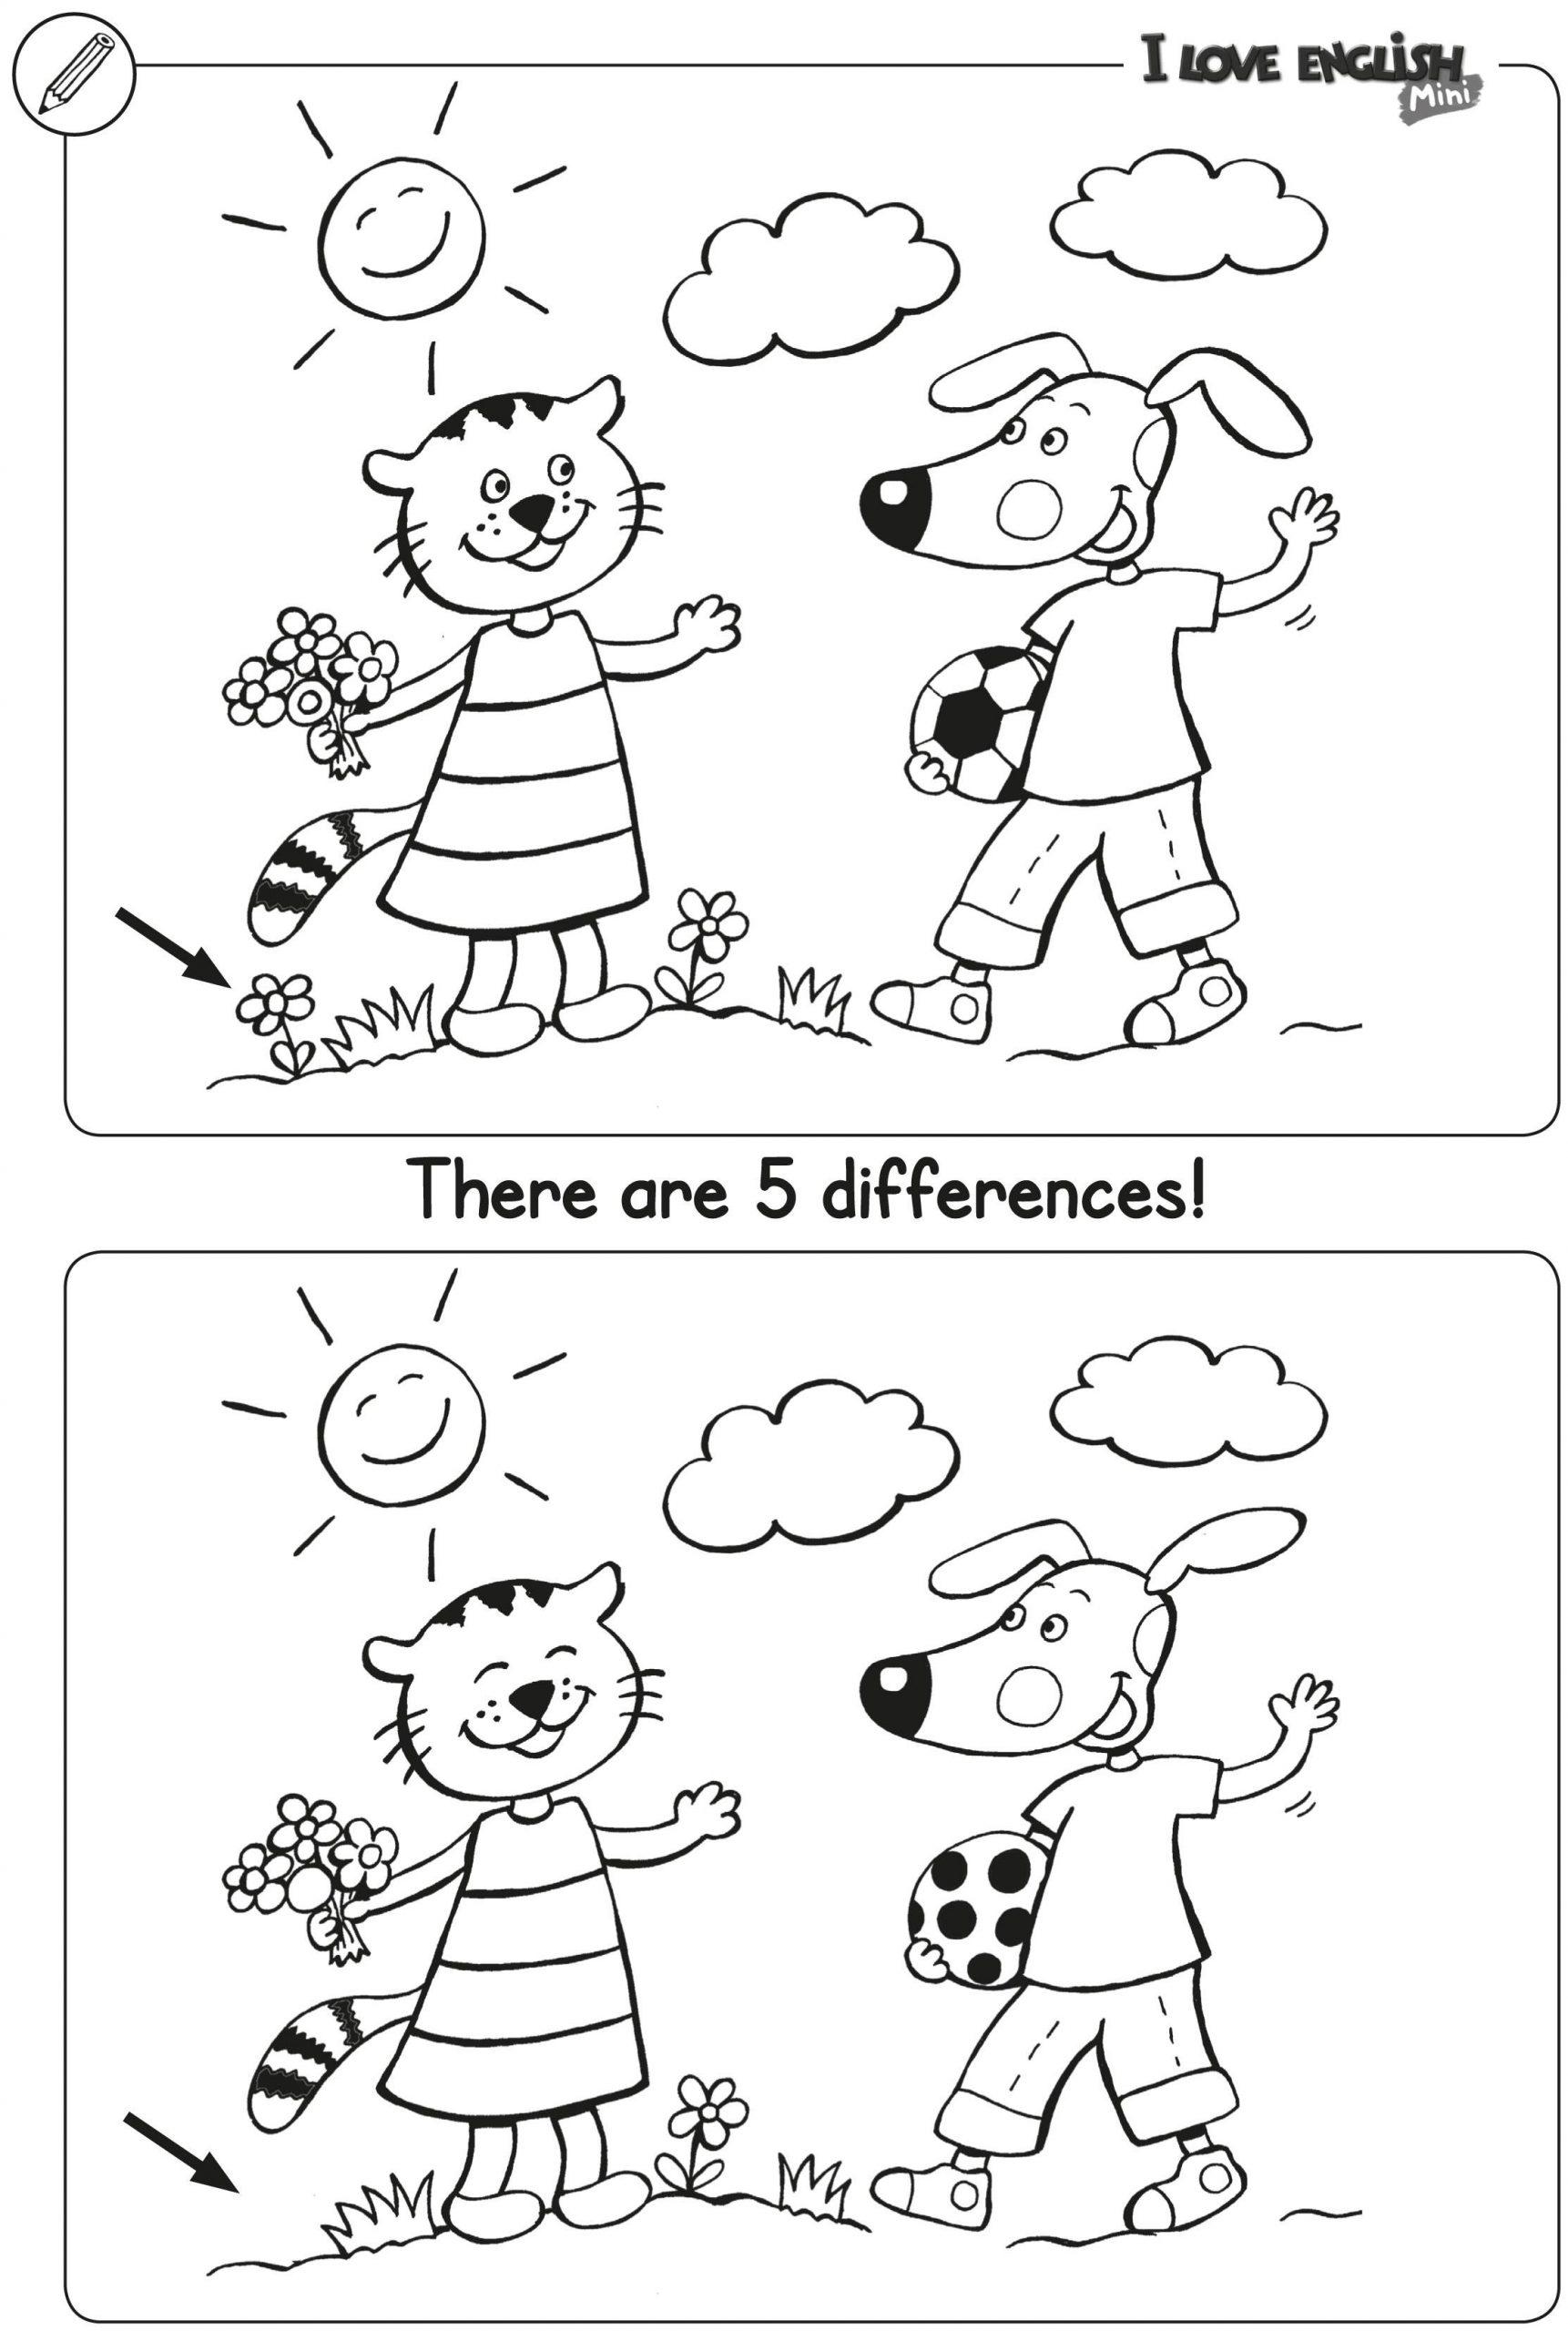 Ausmalbild Suchbilder Für Kinder: I Love English Mini innen Suchbilder Ausdrucken